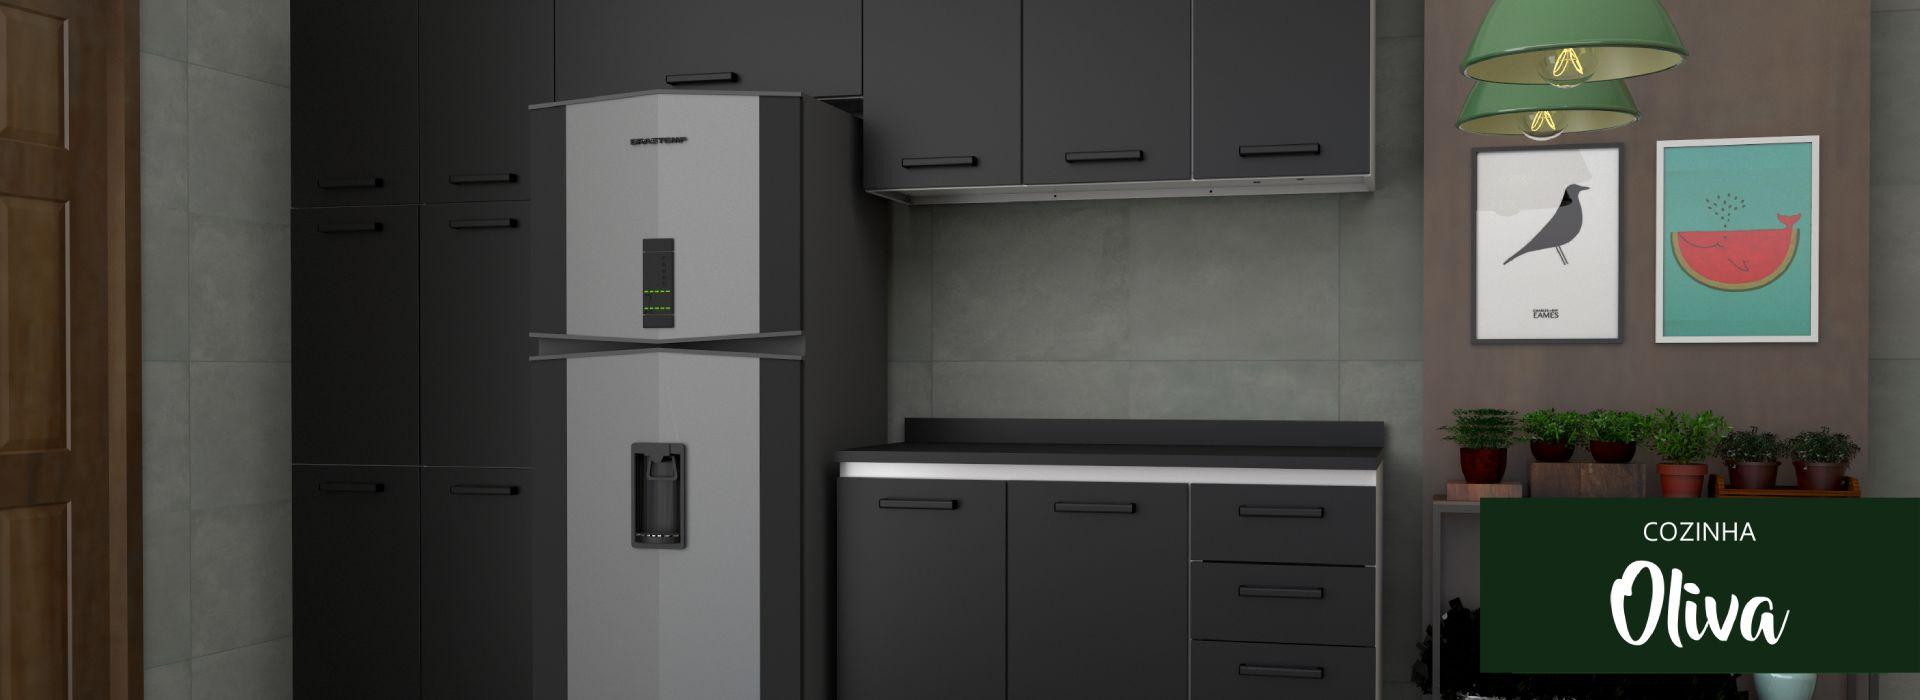 Cozinha Moderna em Aço Oliva Cozimax